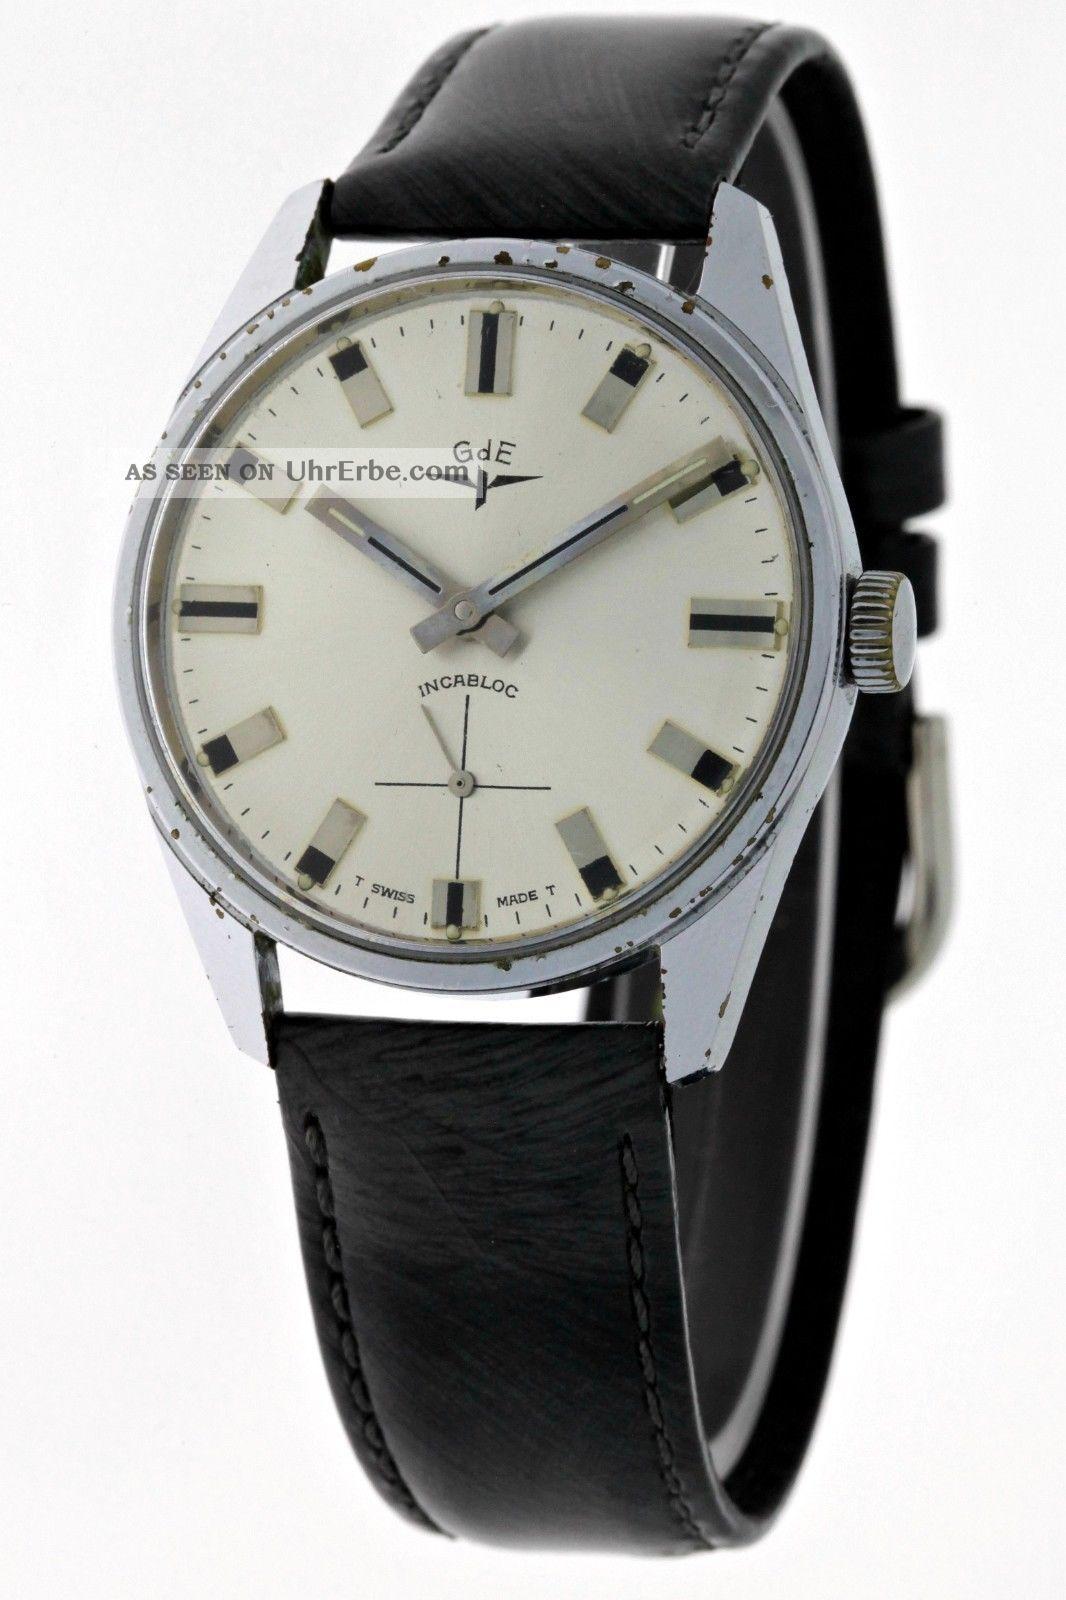 Sammleruhr Gde 50 Jahre JubilÄumsuhr Eisenbahner Gewerkschaft Vintage Herren Armbanduhren Bild